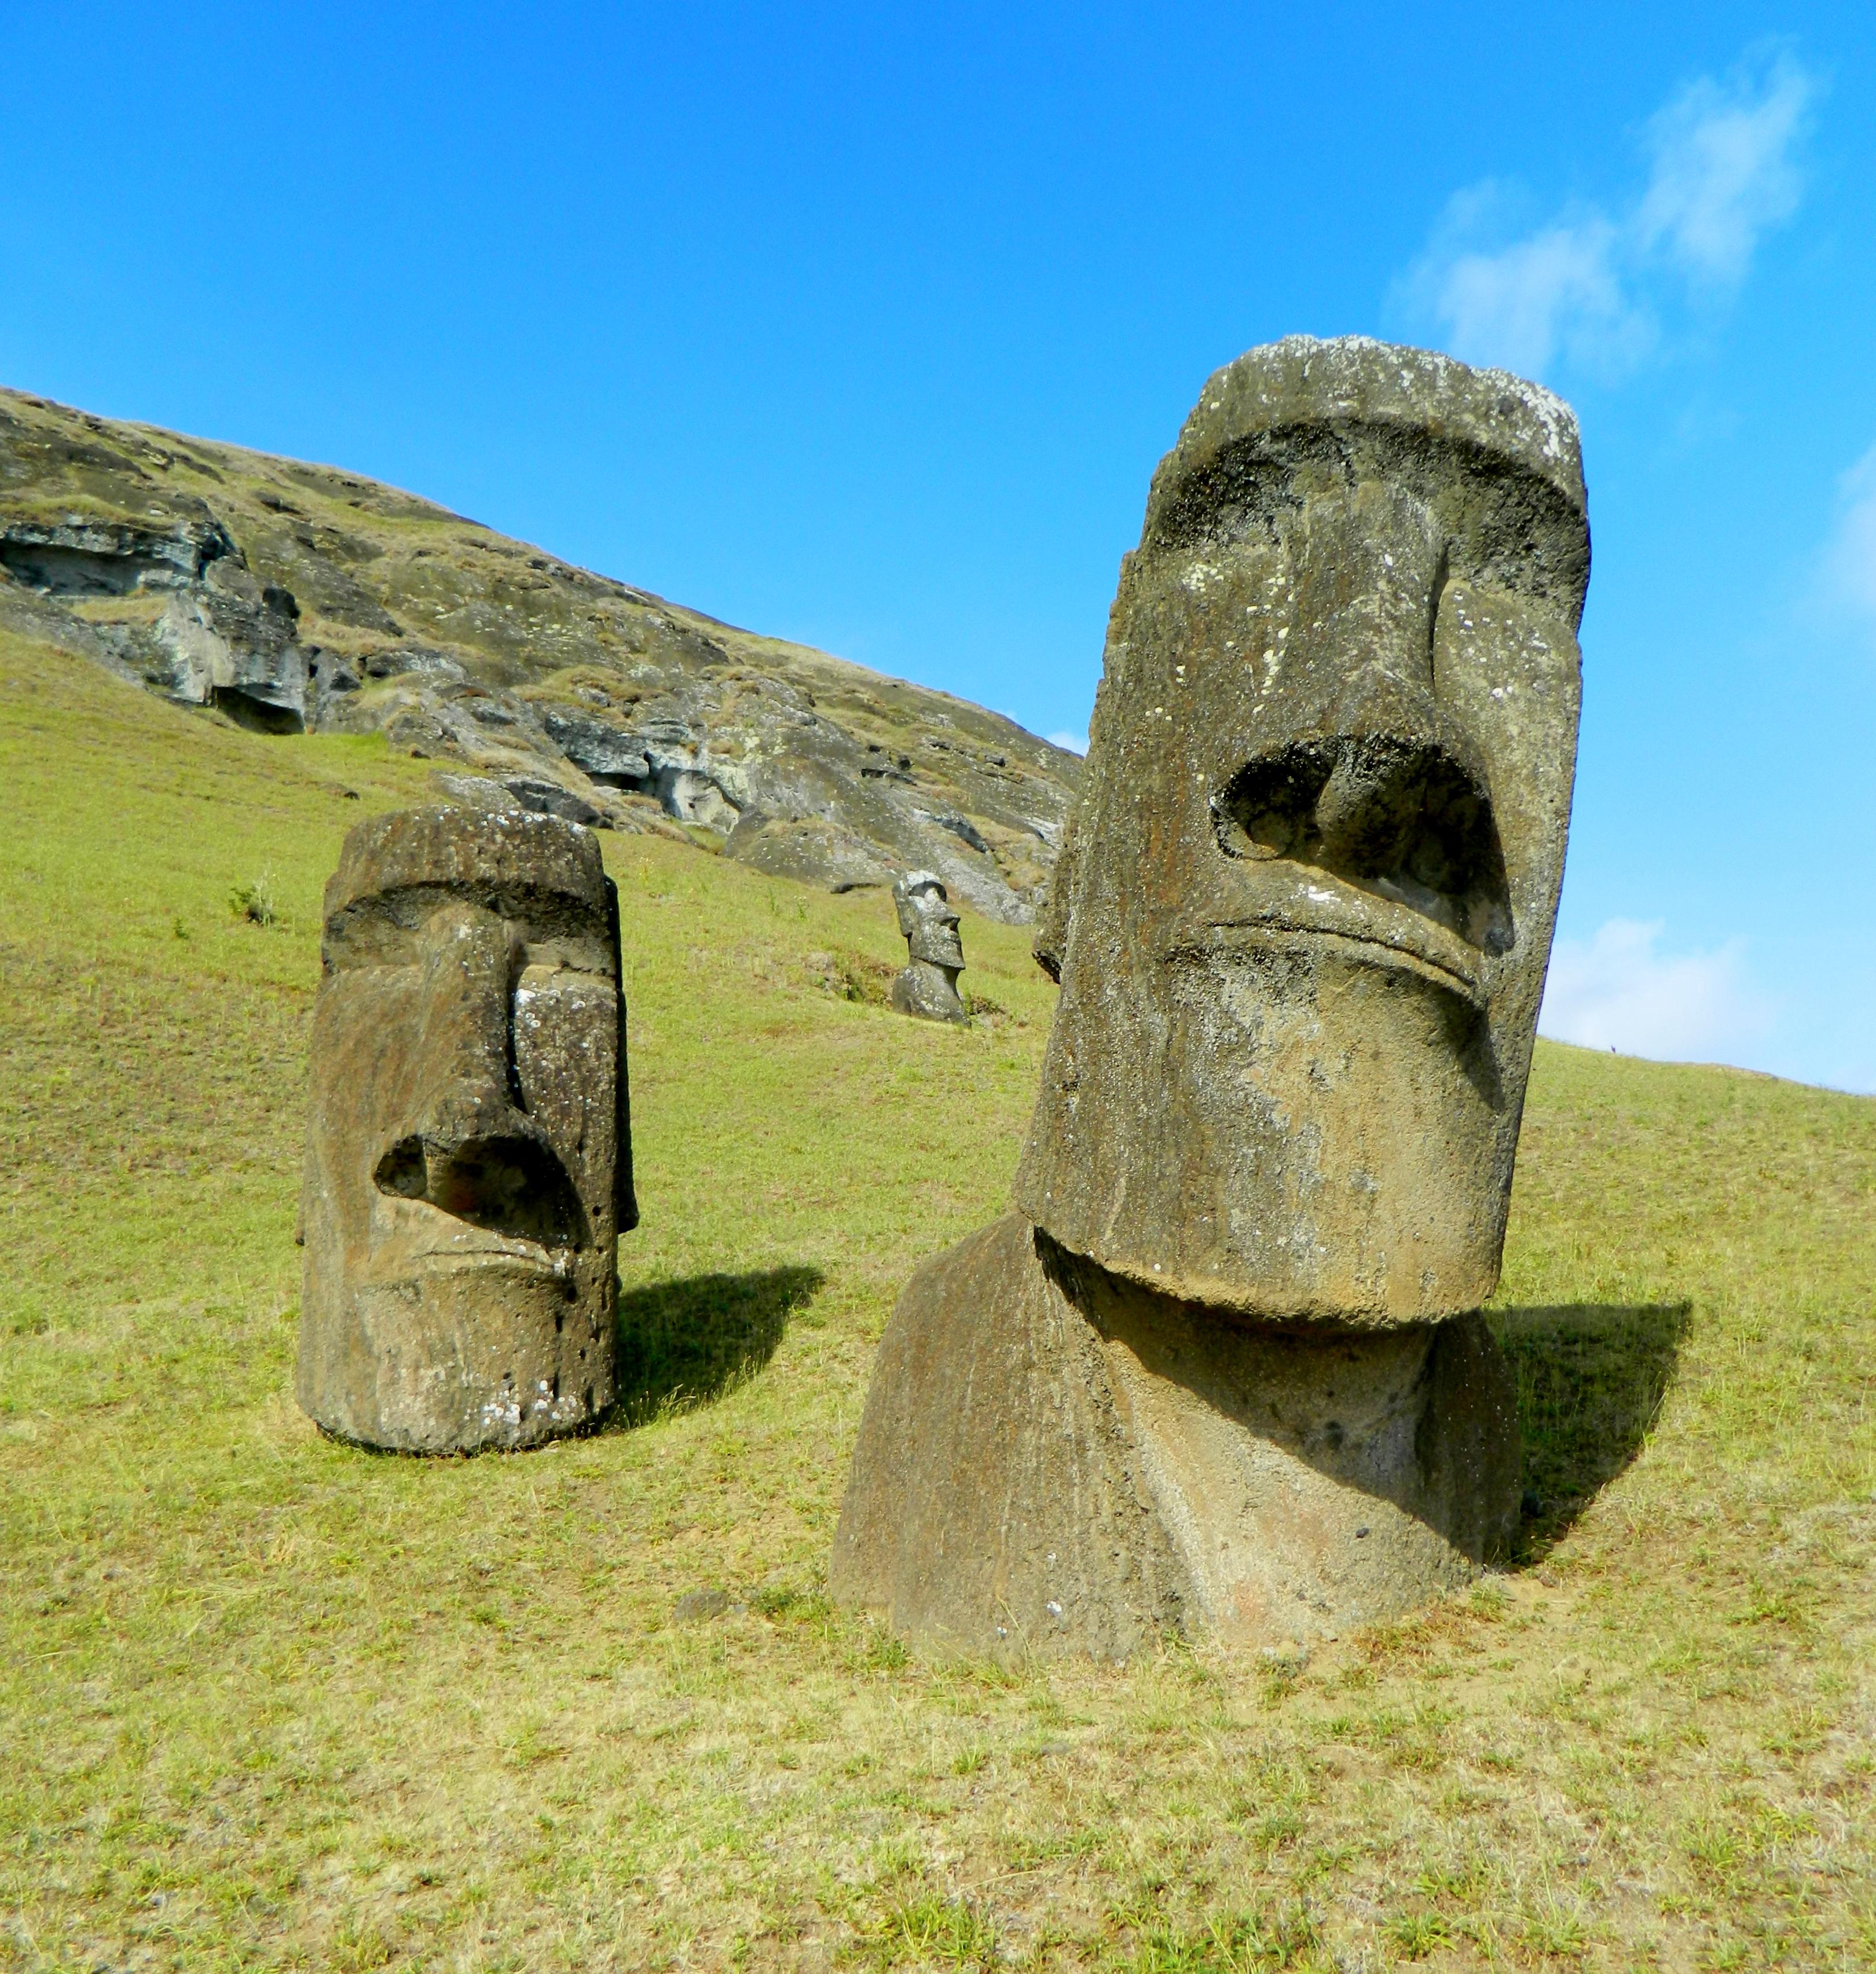 Moai Statues Easter Island Wallpaper [ Moai Monolithic Human Figures 3240x3410